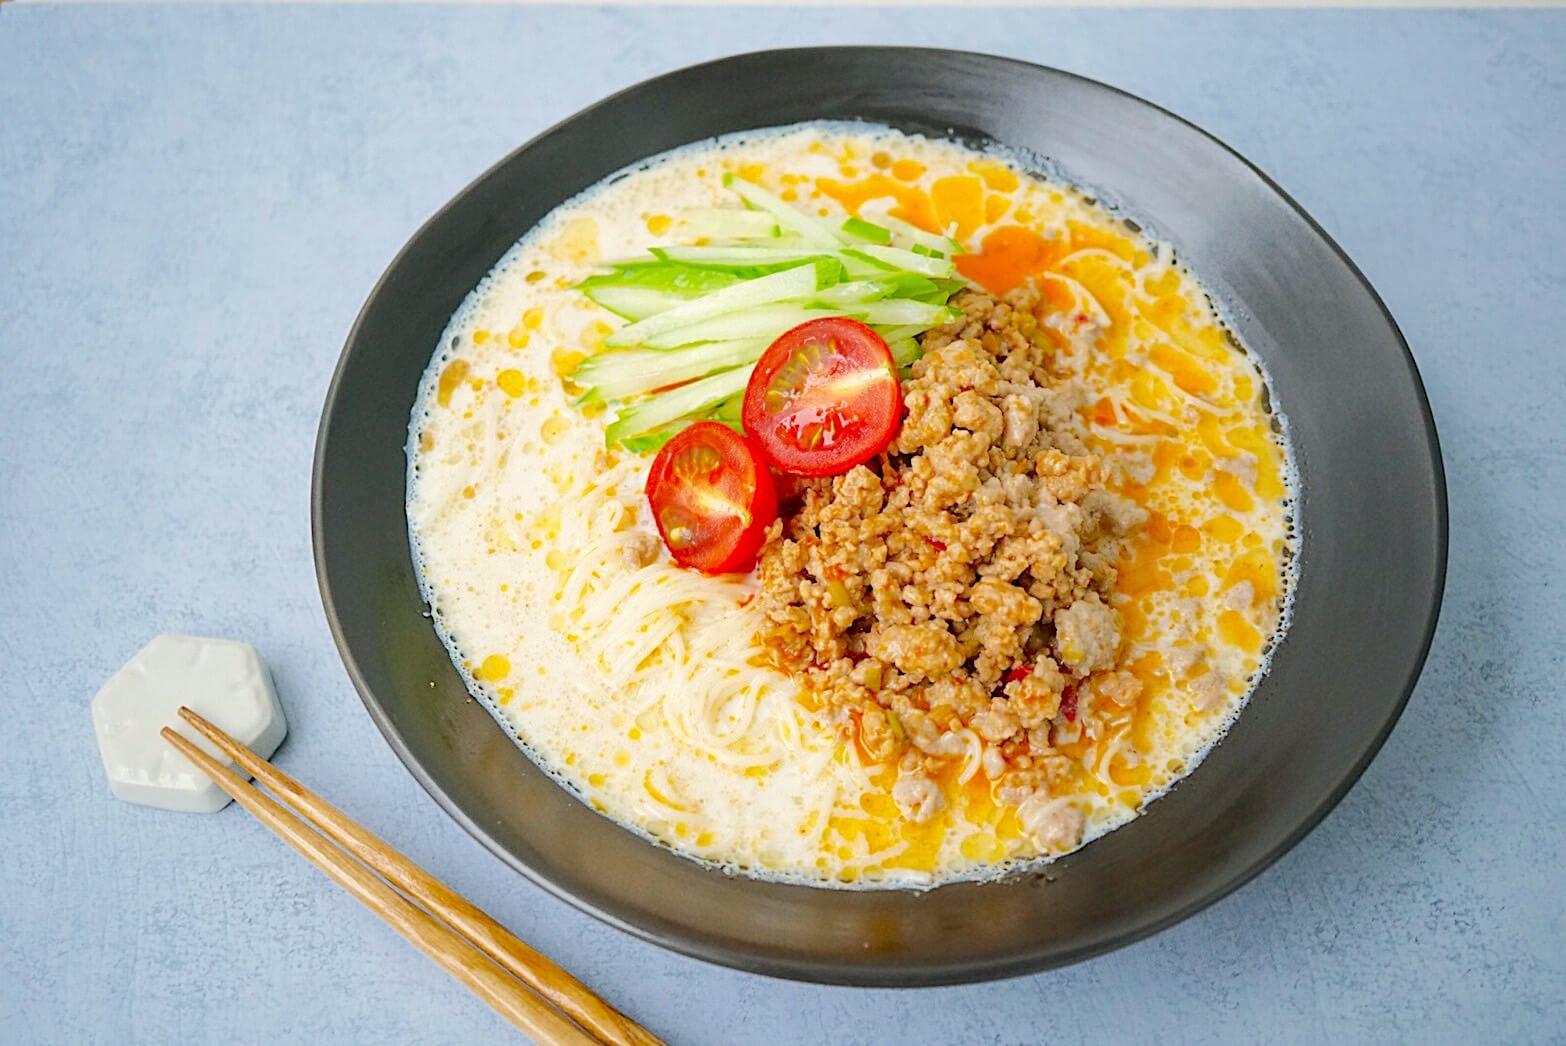 レシピ|うまみたっぷりのスープがやみつき!ピリ辛豆乳坦々素麺